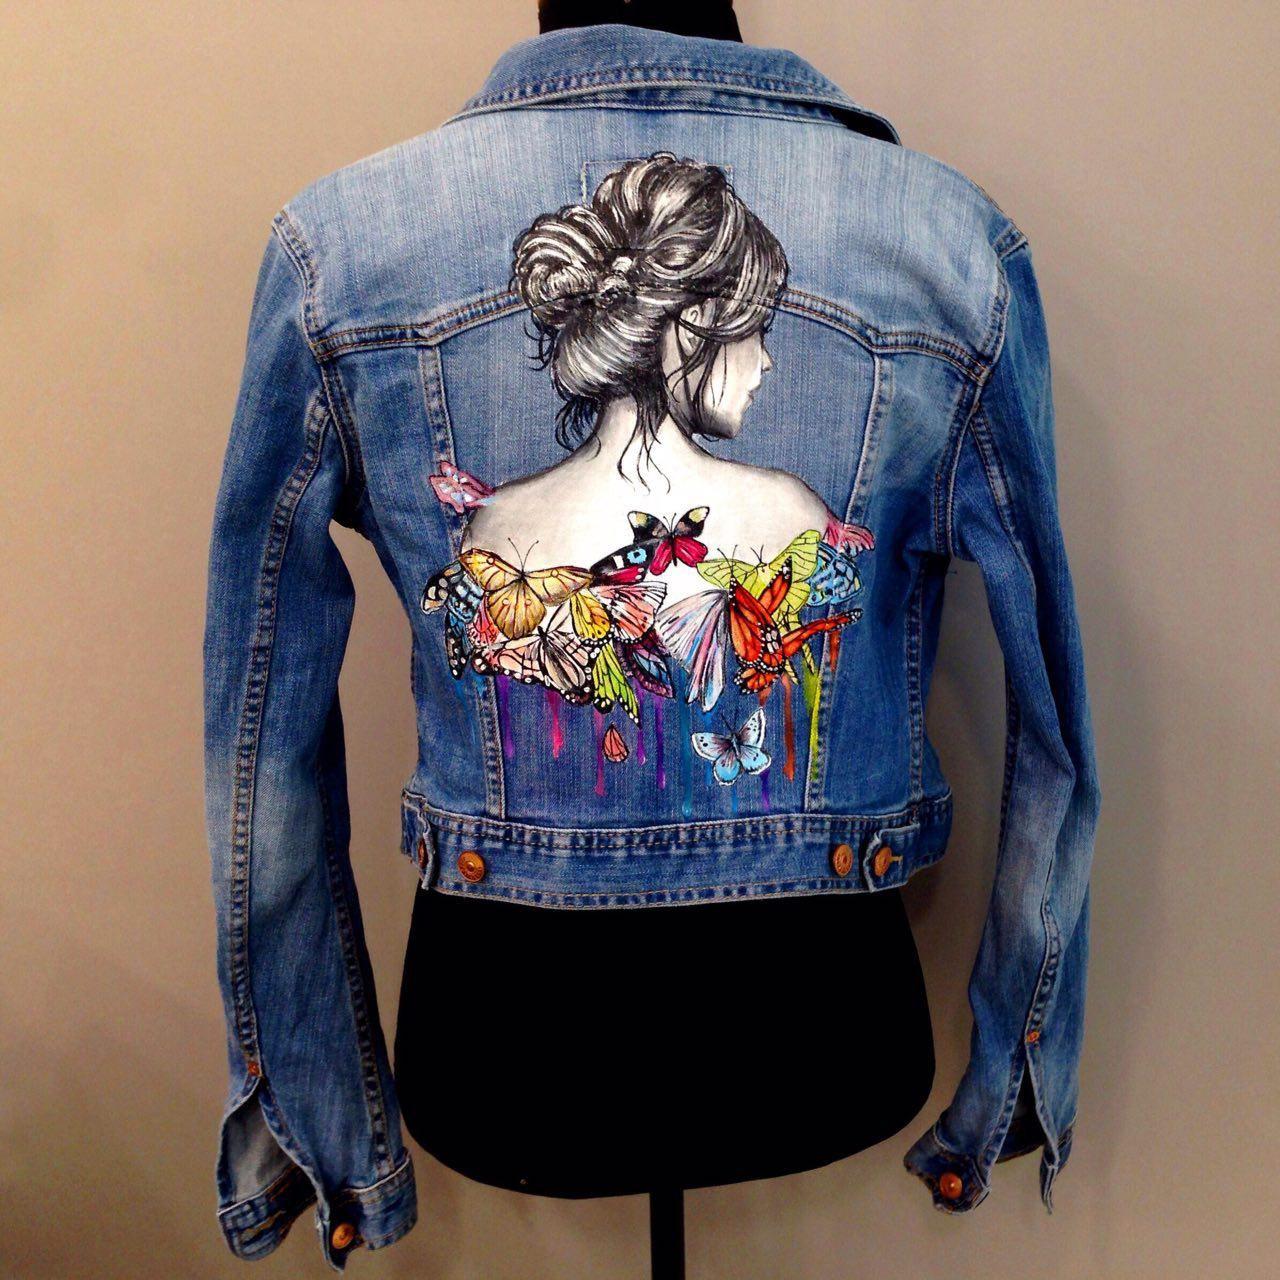 суровый рисунок на джинсовой куртке акриловыми красками всегда можно